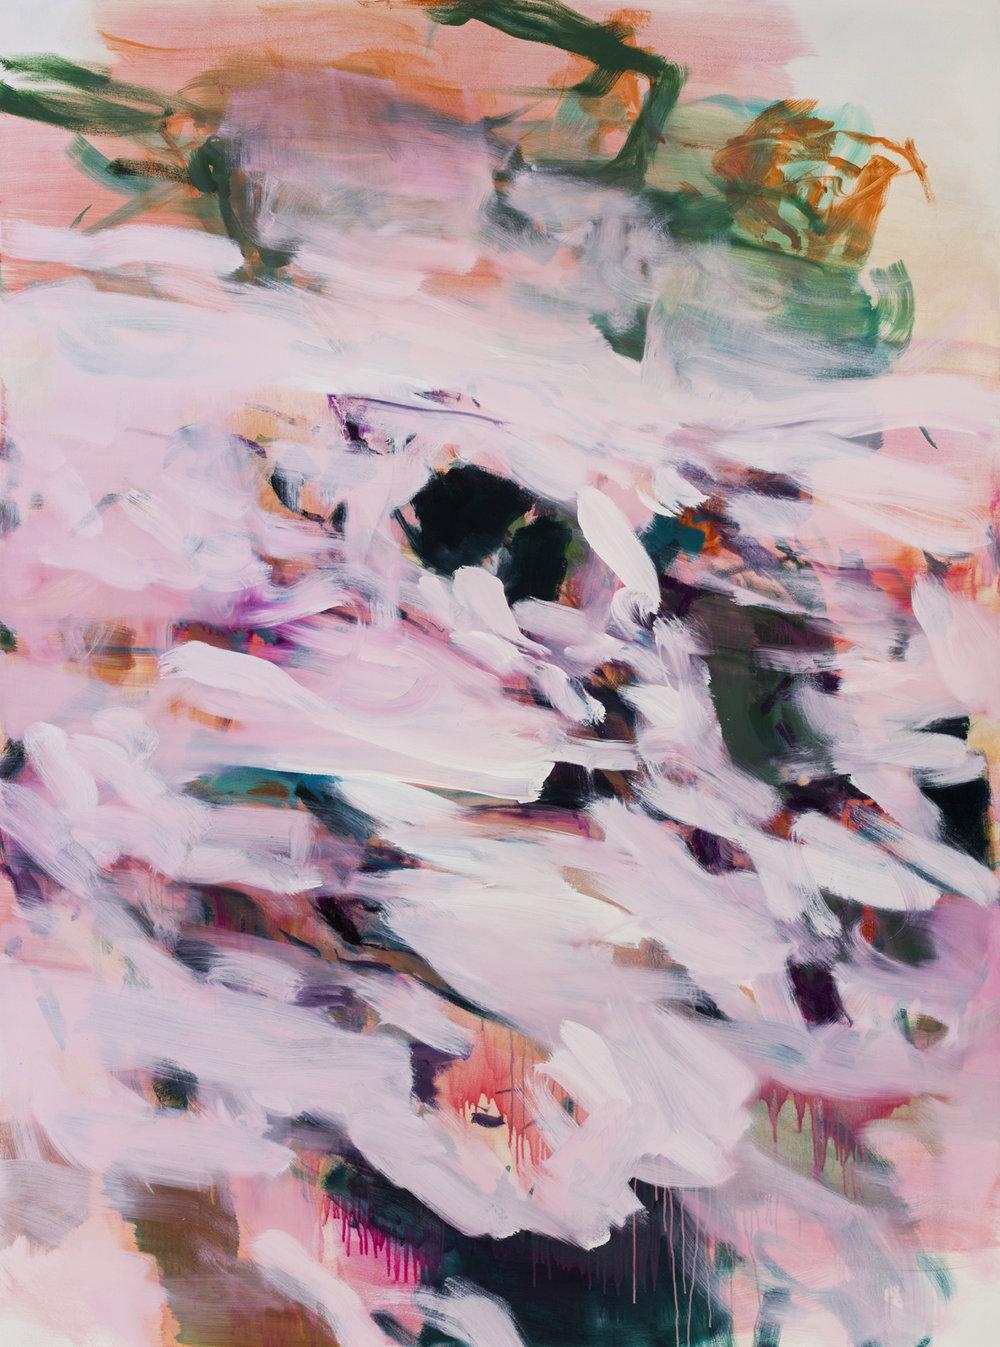 Drift  2017  Oil on canvas  199 x 148cm